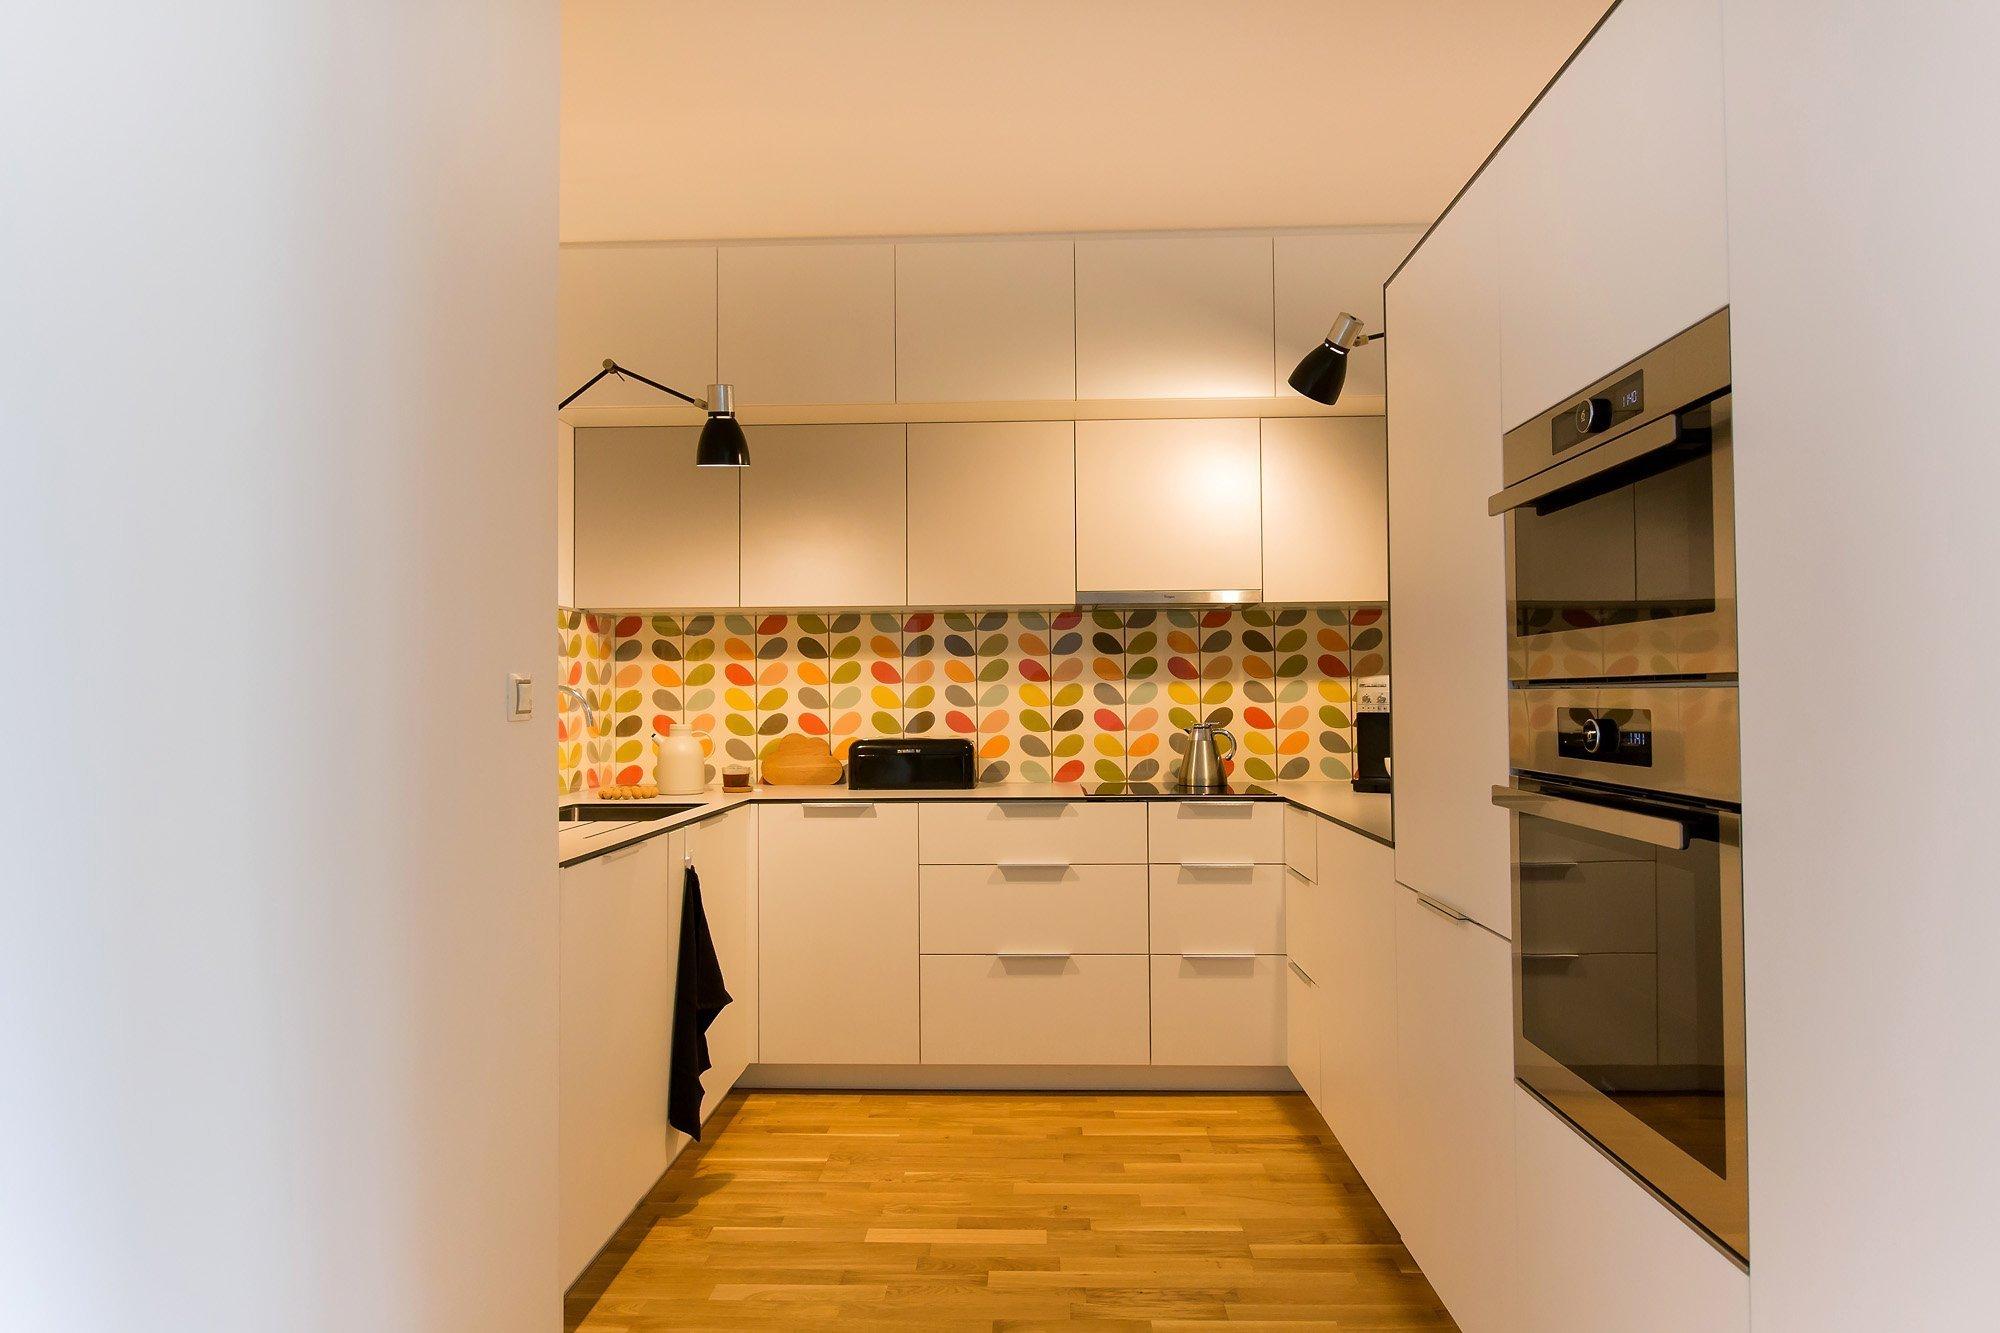 Koncept byl jasný- jednoduchá světlá linka vyladěná tapetou od Orly Kiely, která celý prostor rozzáří. Kuchyň se nachází vtmavém koutě bez okna, proto je…